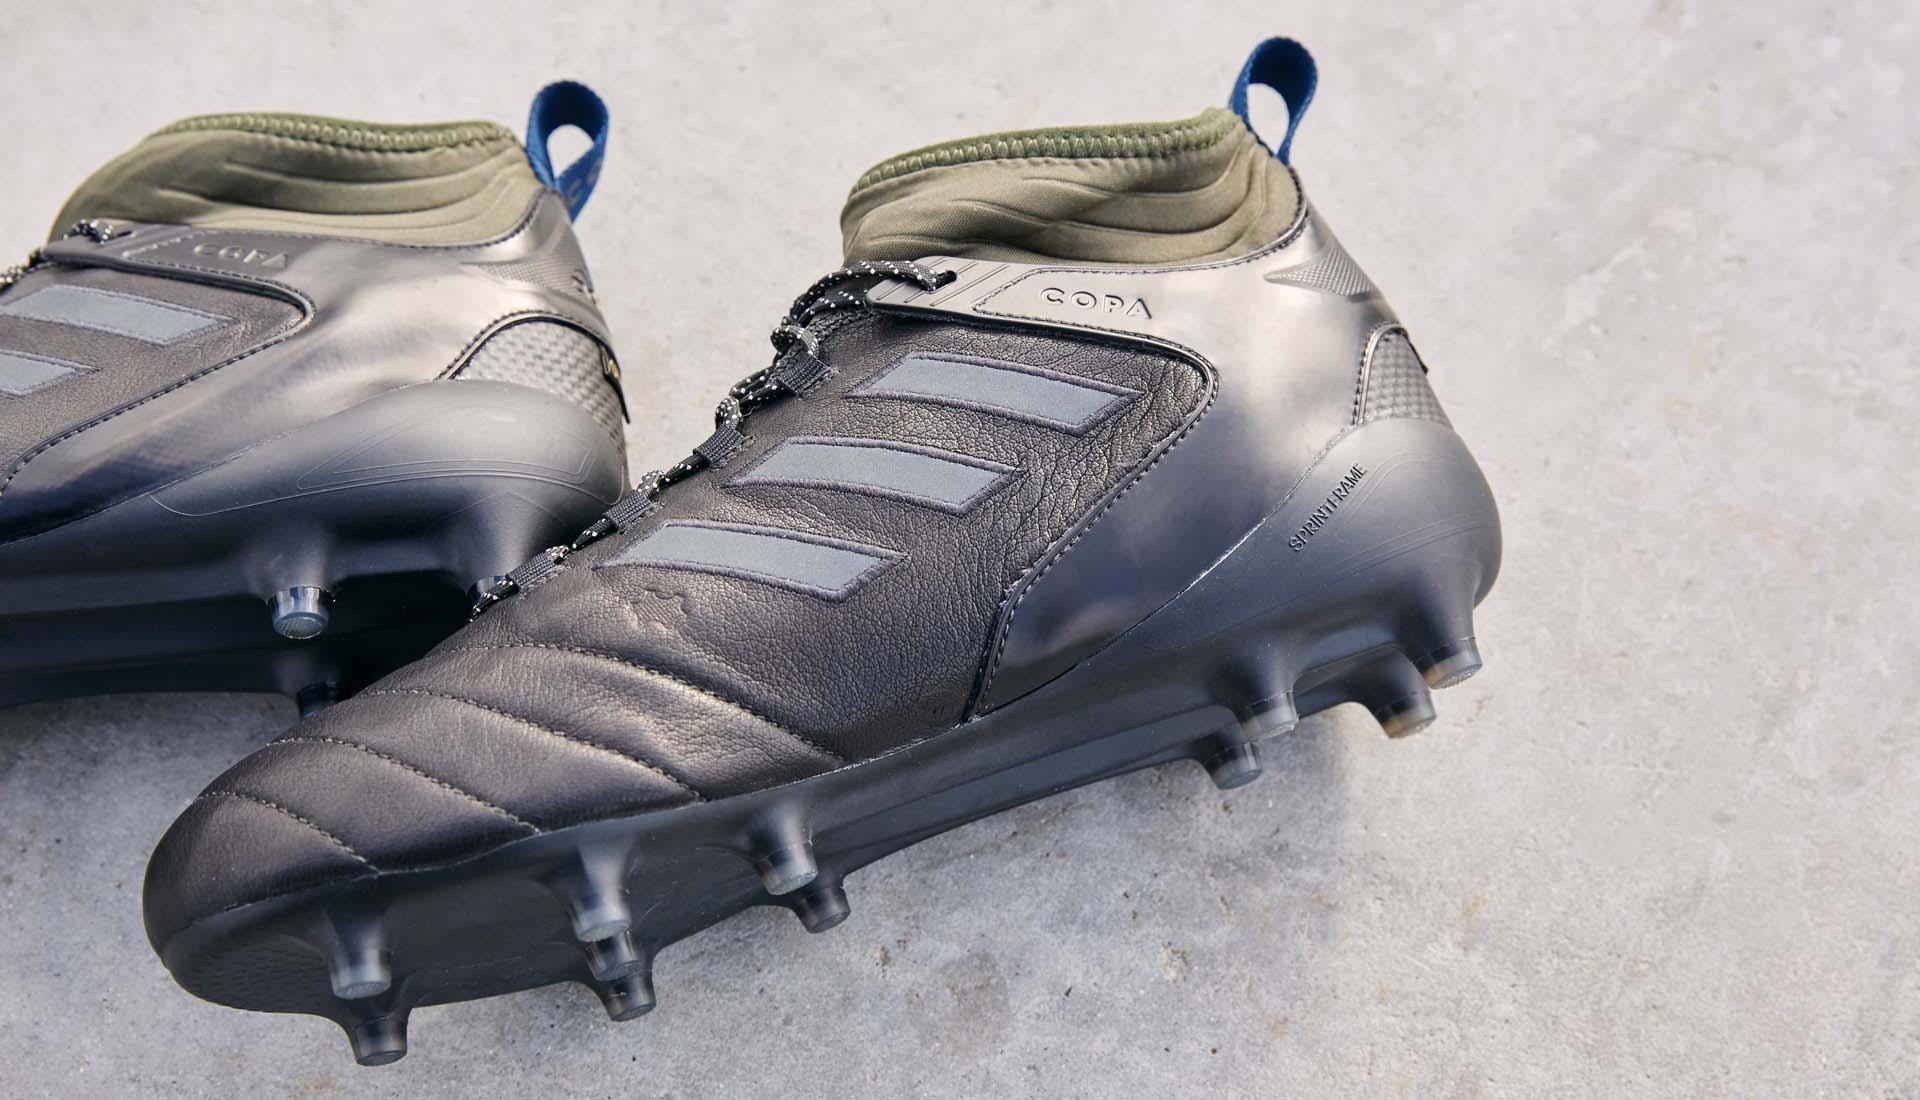 new concept 4cda2 56a57 5-adidas-copa-gore-tex-min.jpg